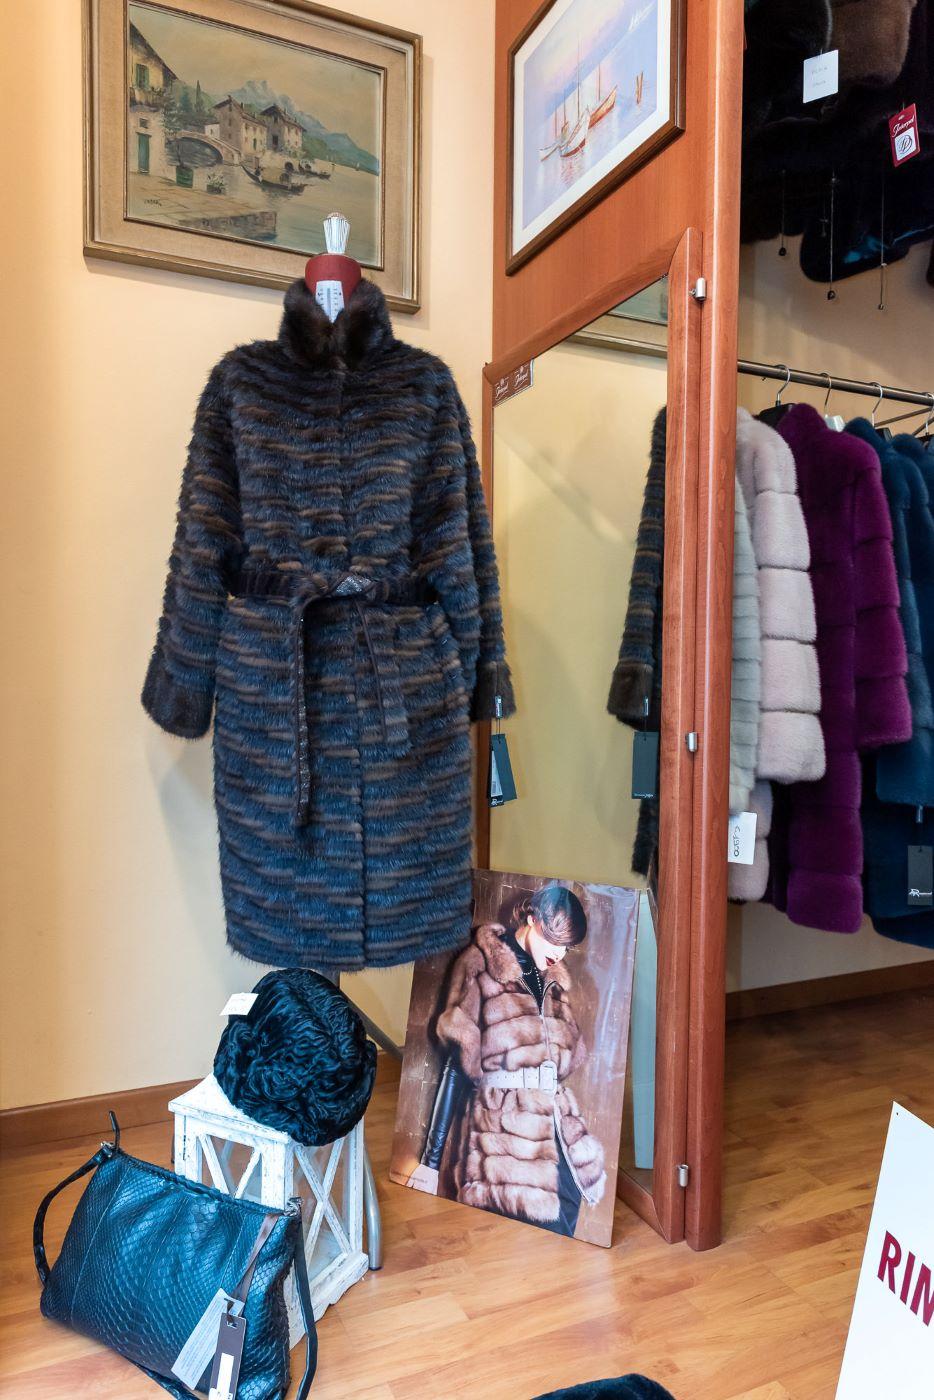 Interpel - Dettaglio Prodotti Negozio - Pellicce, Borse di Pelle e Copricapo di pelliccia